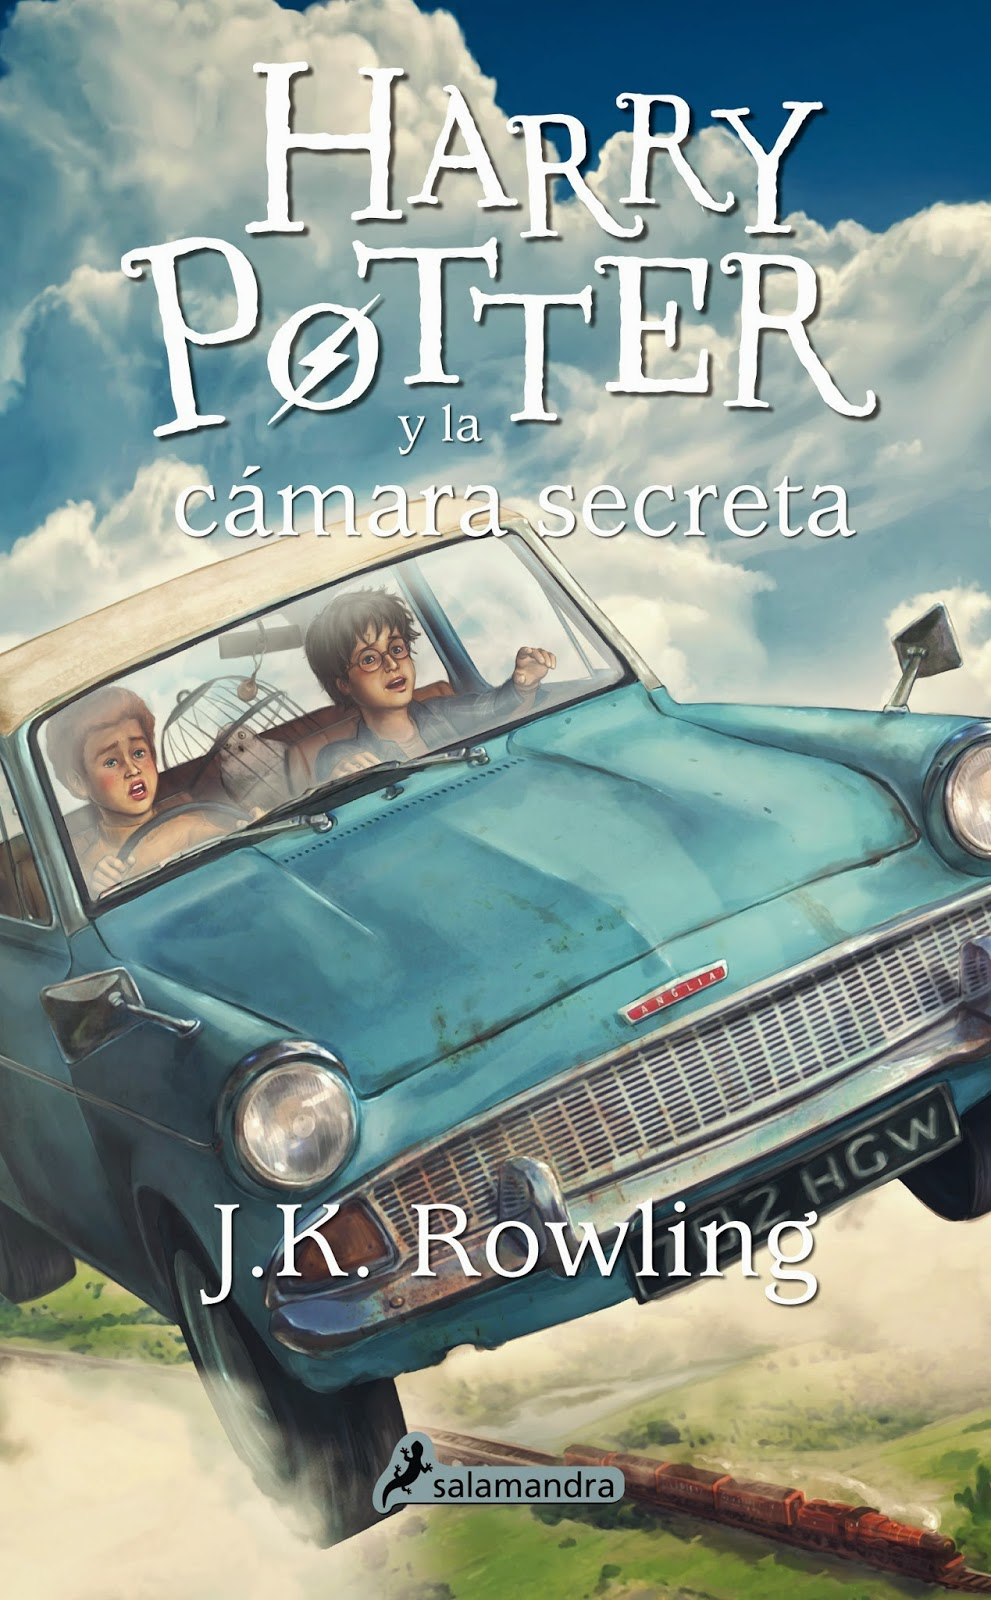 Reseña: Harry Potter y la cámara secreta, de J.K. Rowling